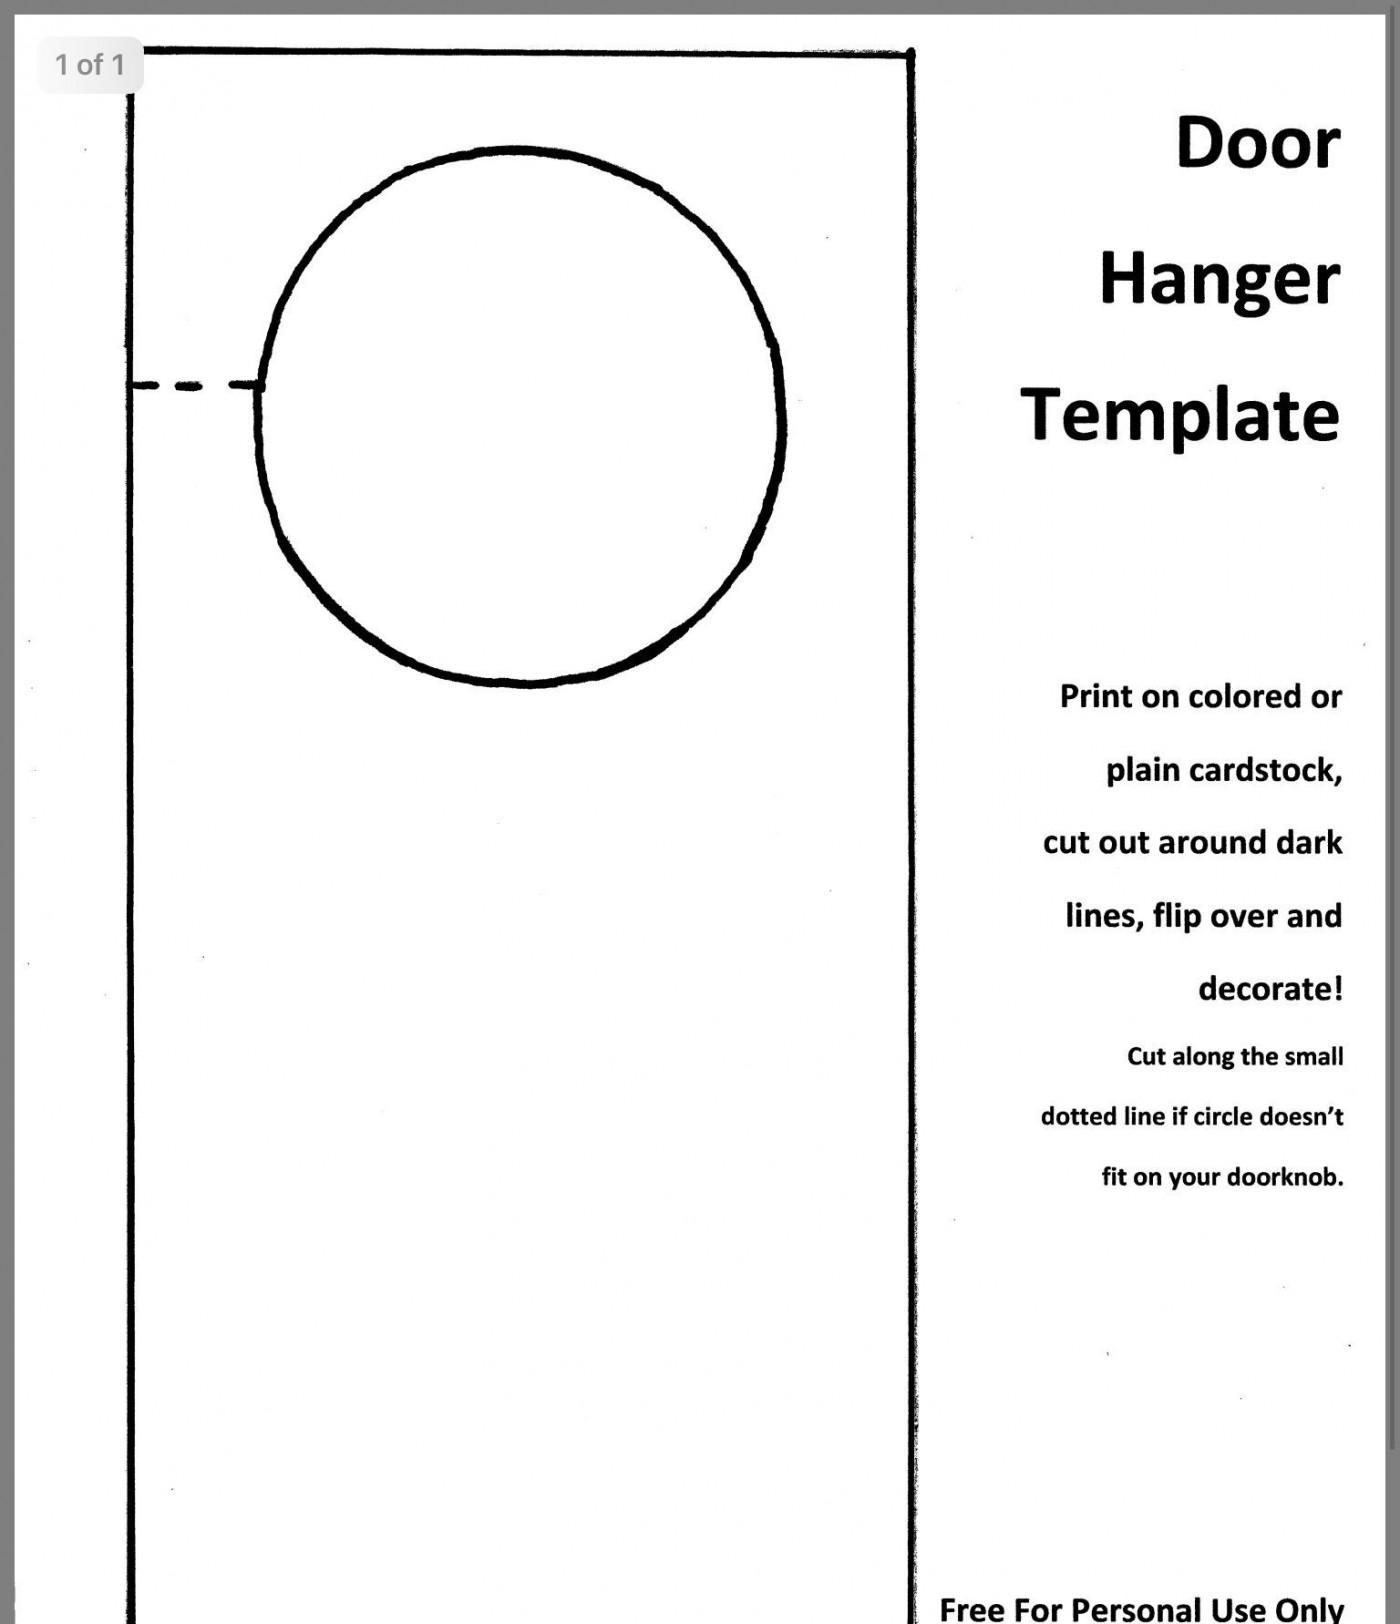 002 Astounding Blank Door Hanger Template Free Design 1400